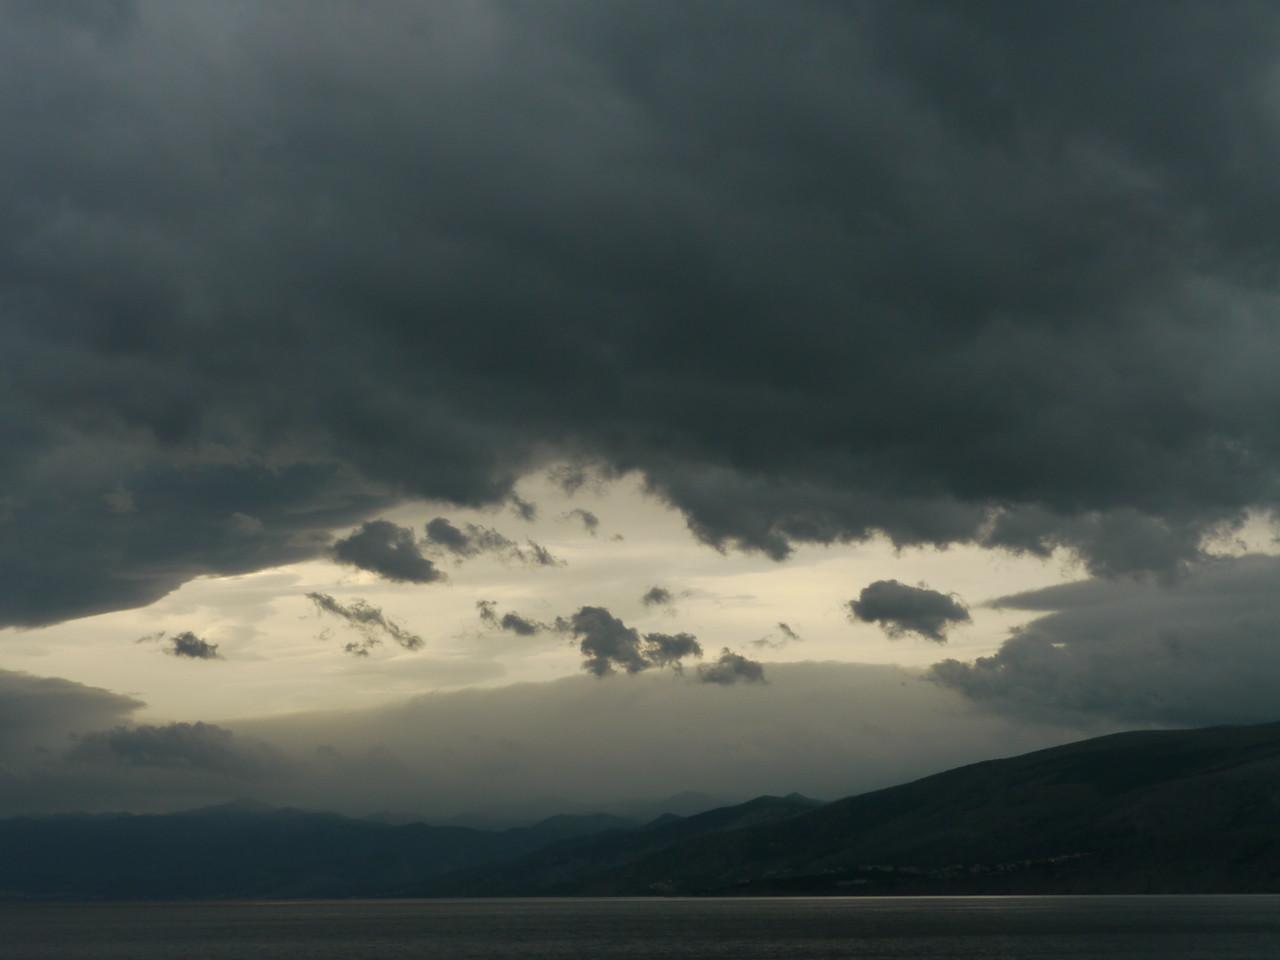 © RobAng 2010, Croatia, Sicht vom Gebirge auf Adriaküste bei Sveti Jurai